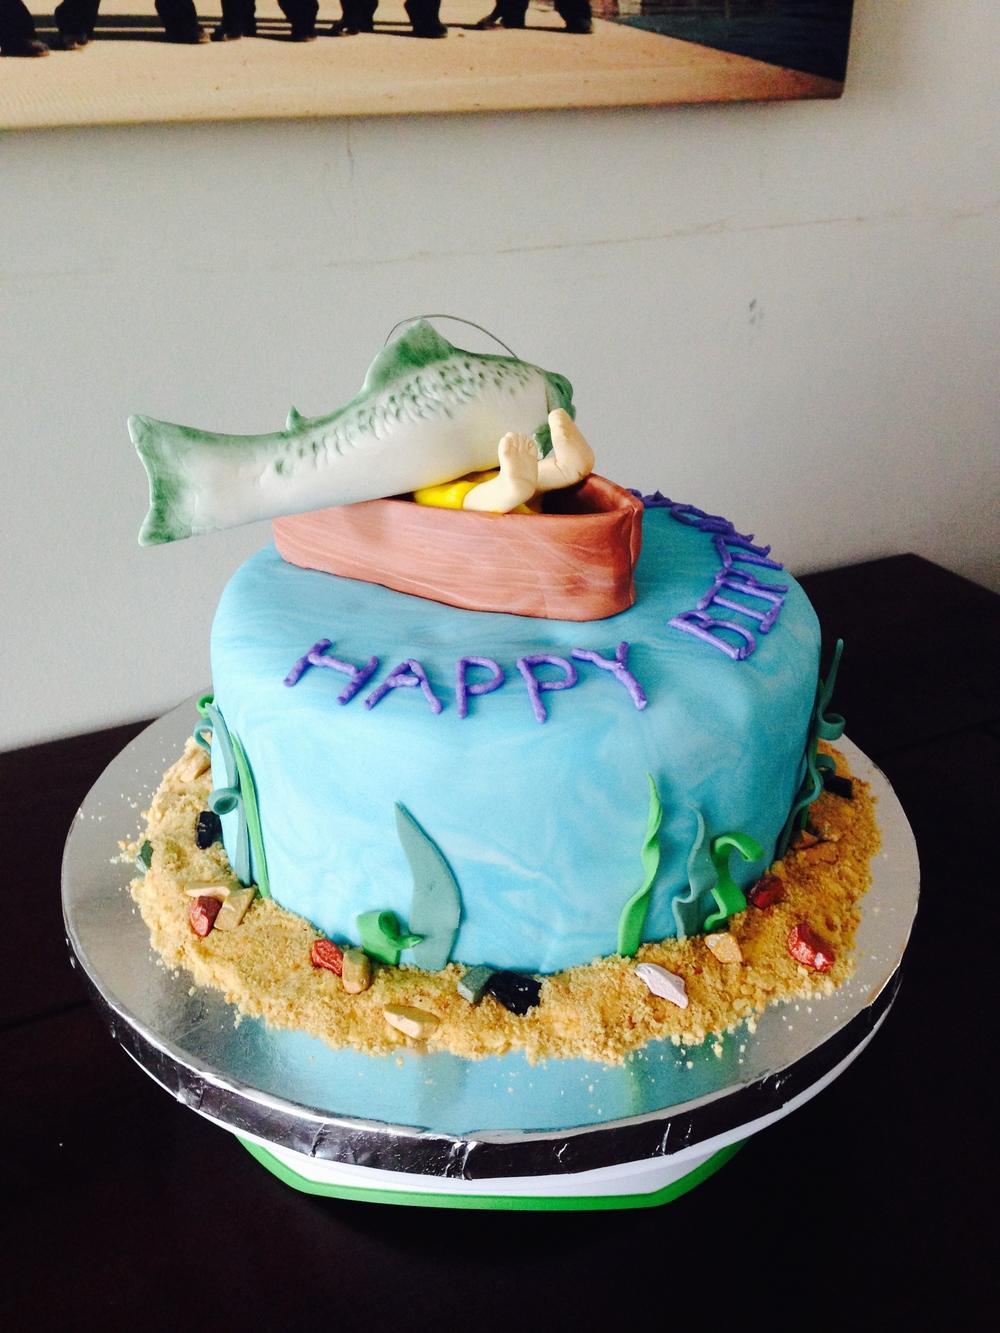 Squished Fisherman Cake